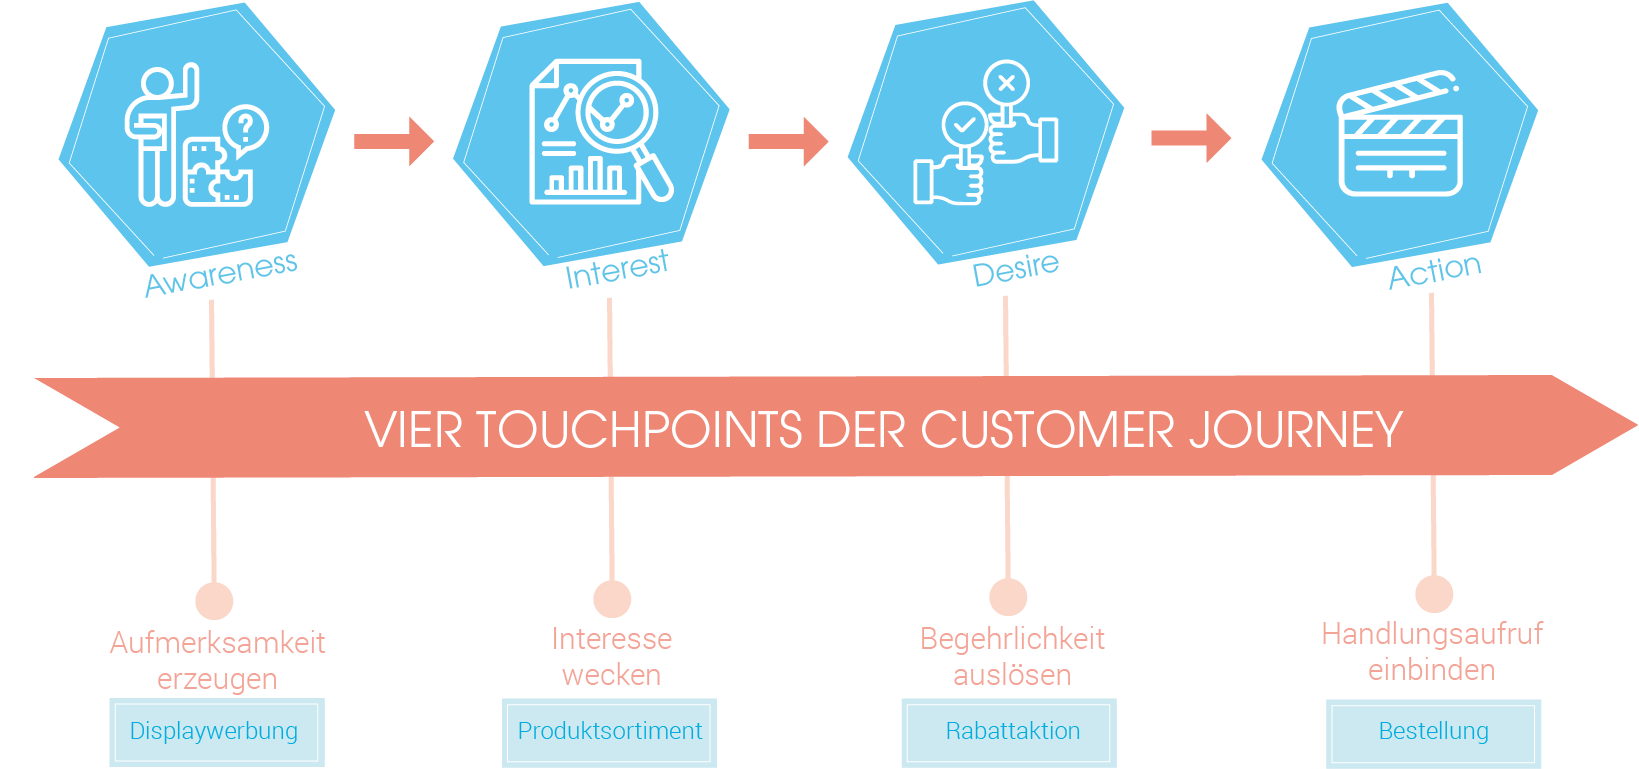 Die Customer Journey im Überblick – Schritte des AIDA-Modells